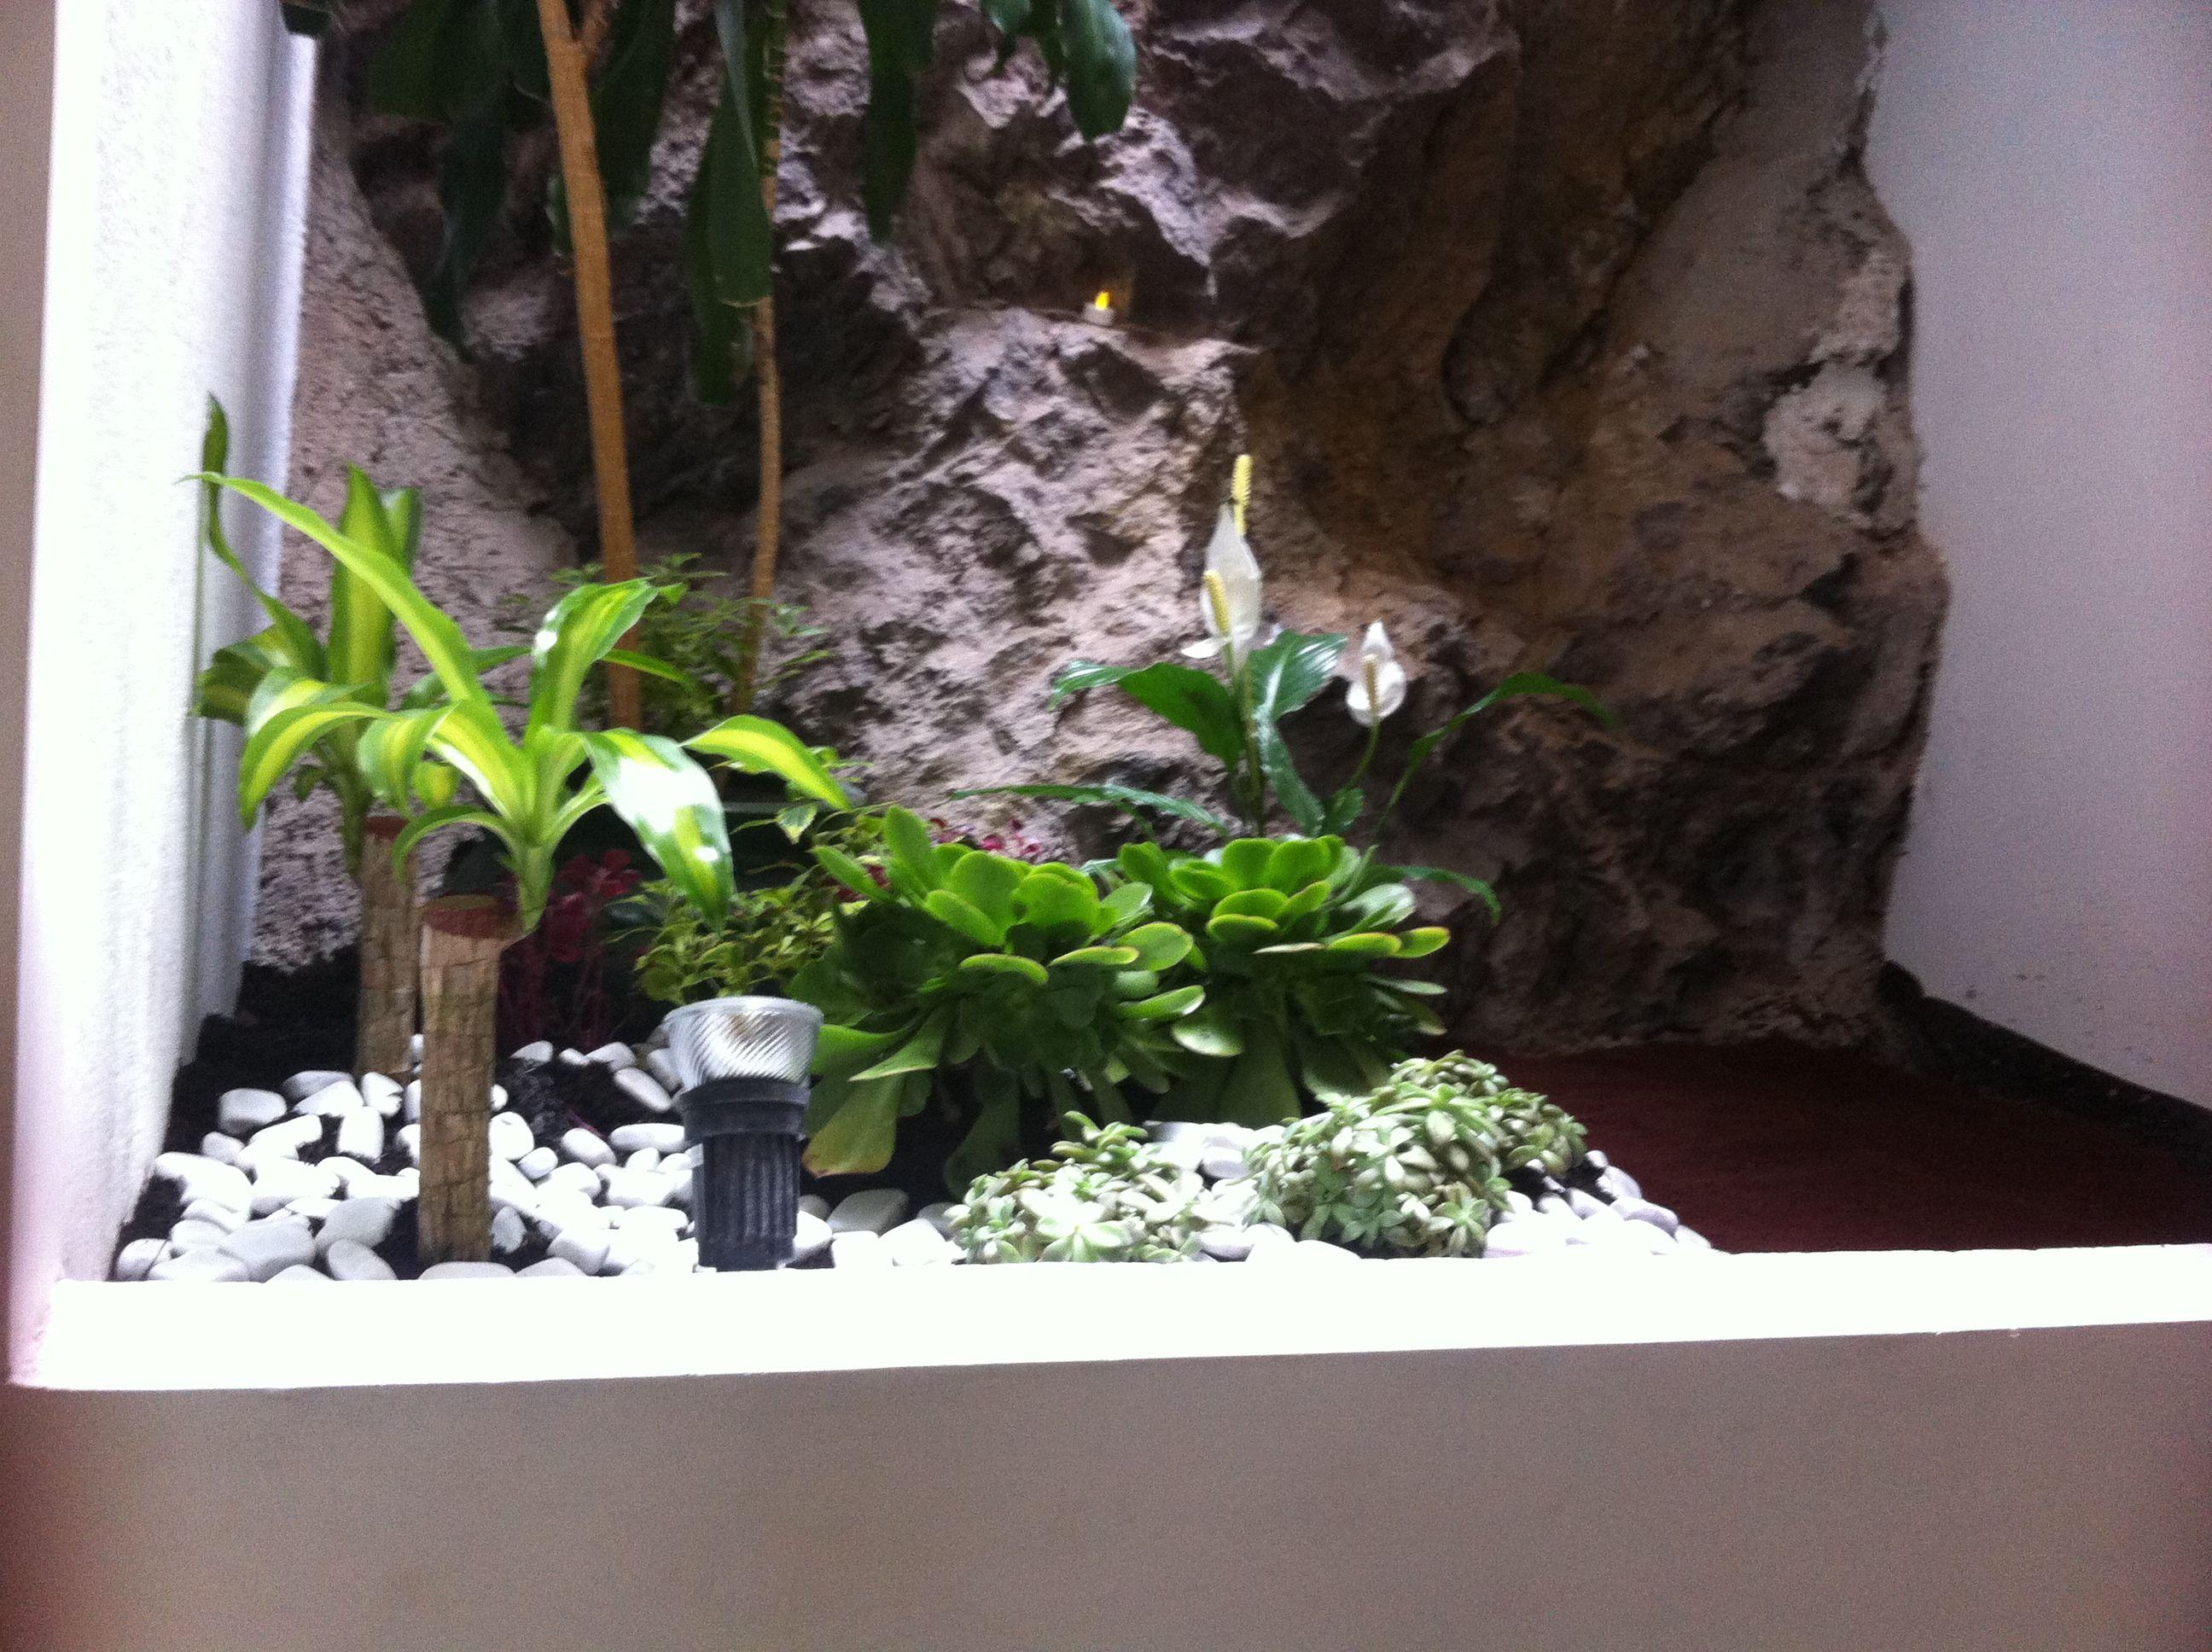 Jard n interior plantas jard n interior piedra for Jardines de piedras blancas